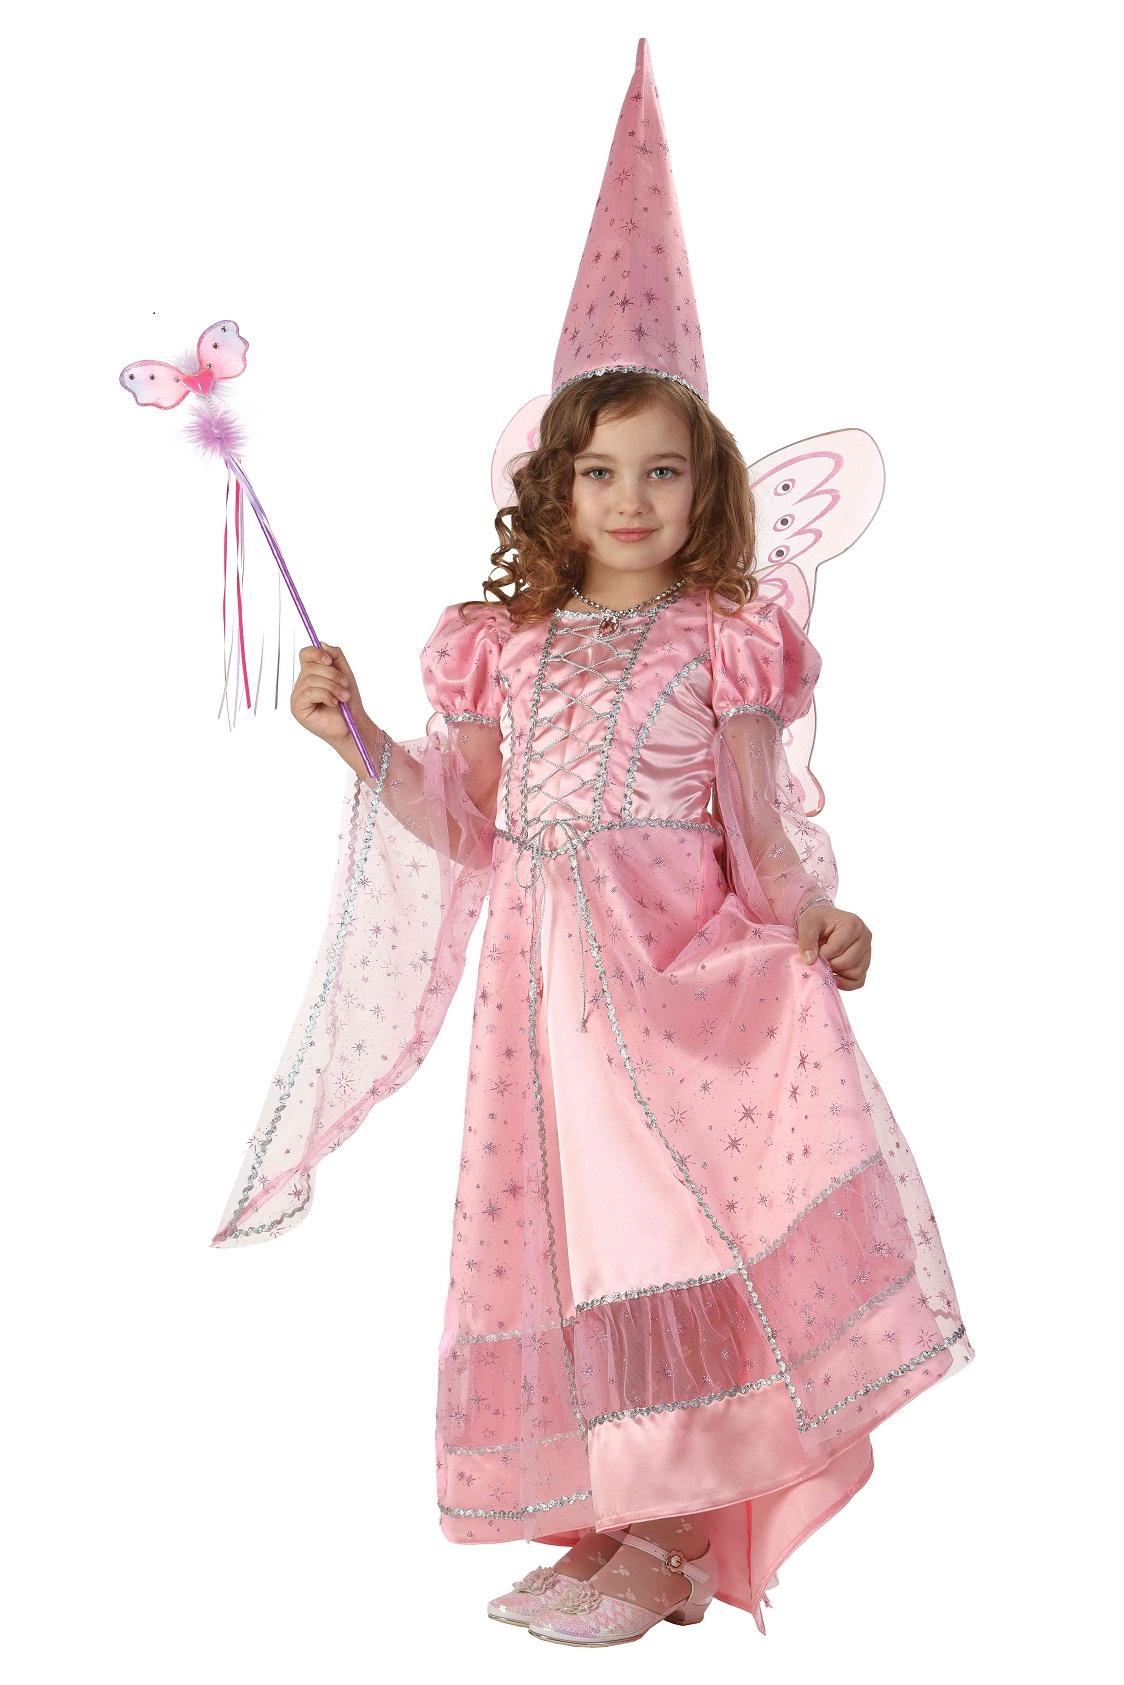 Купить Карнавальный костюм для девочек - Фея сказочная розовая, размер 128-64, Батик